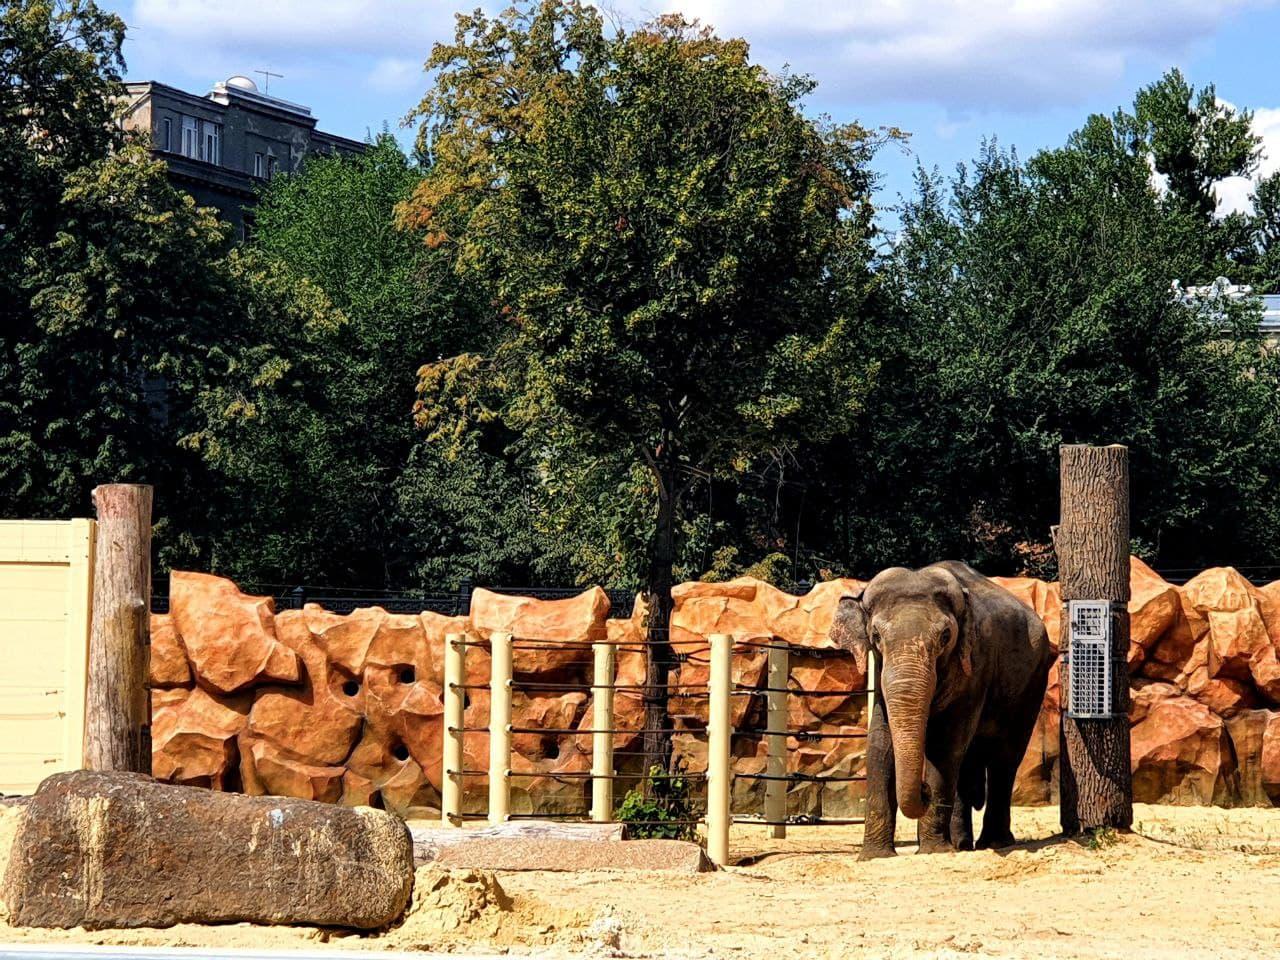 Смотри фото и видео: в Харькове открыли зоопарк после реконструкции фото 6